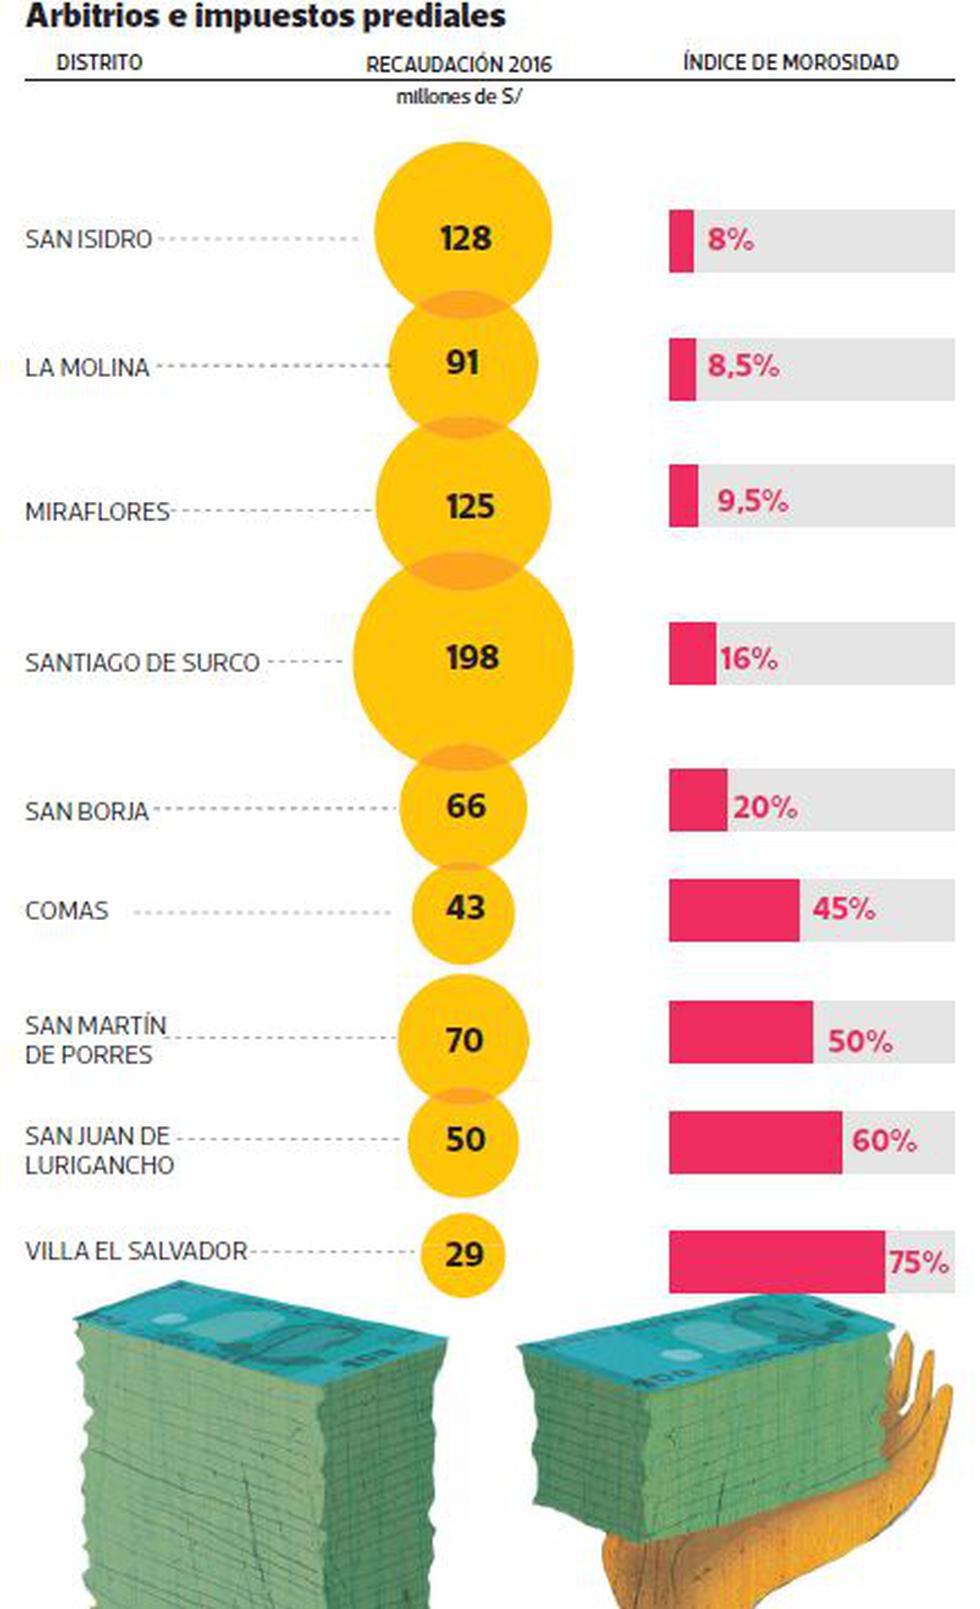 Los distritos más poblados de Lima tienen menor recaudación - 2